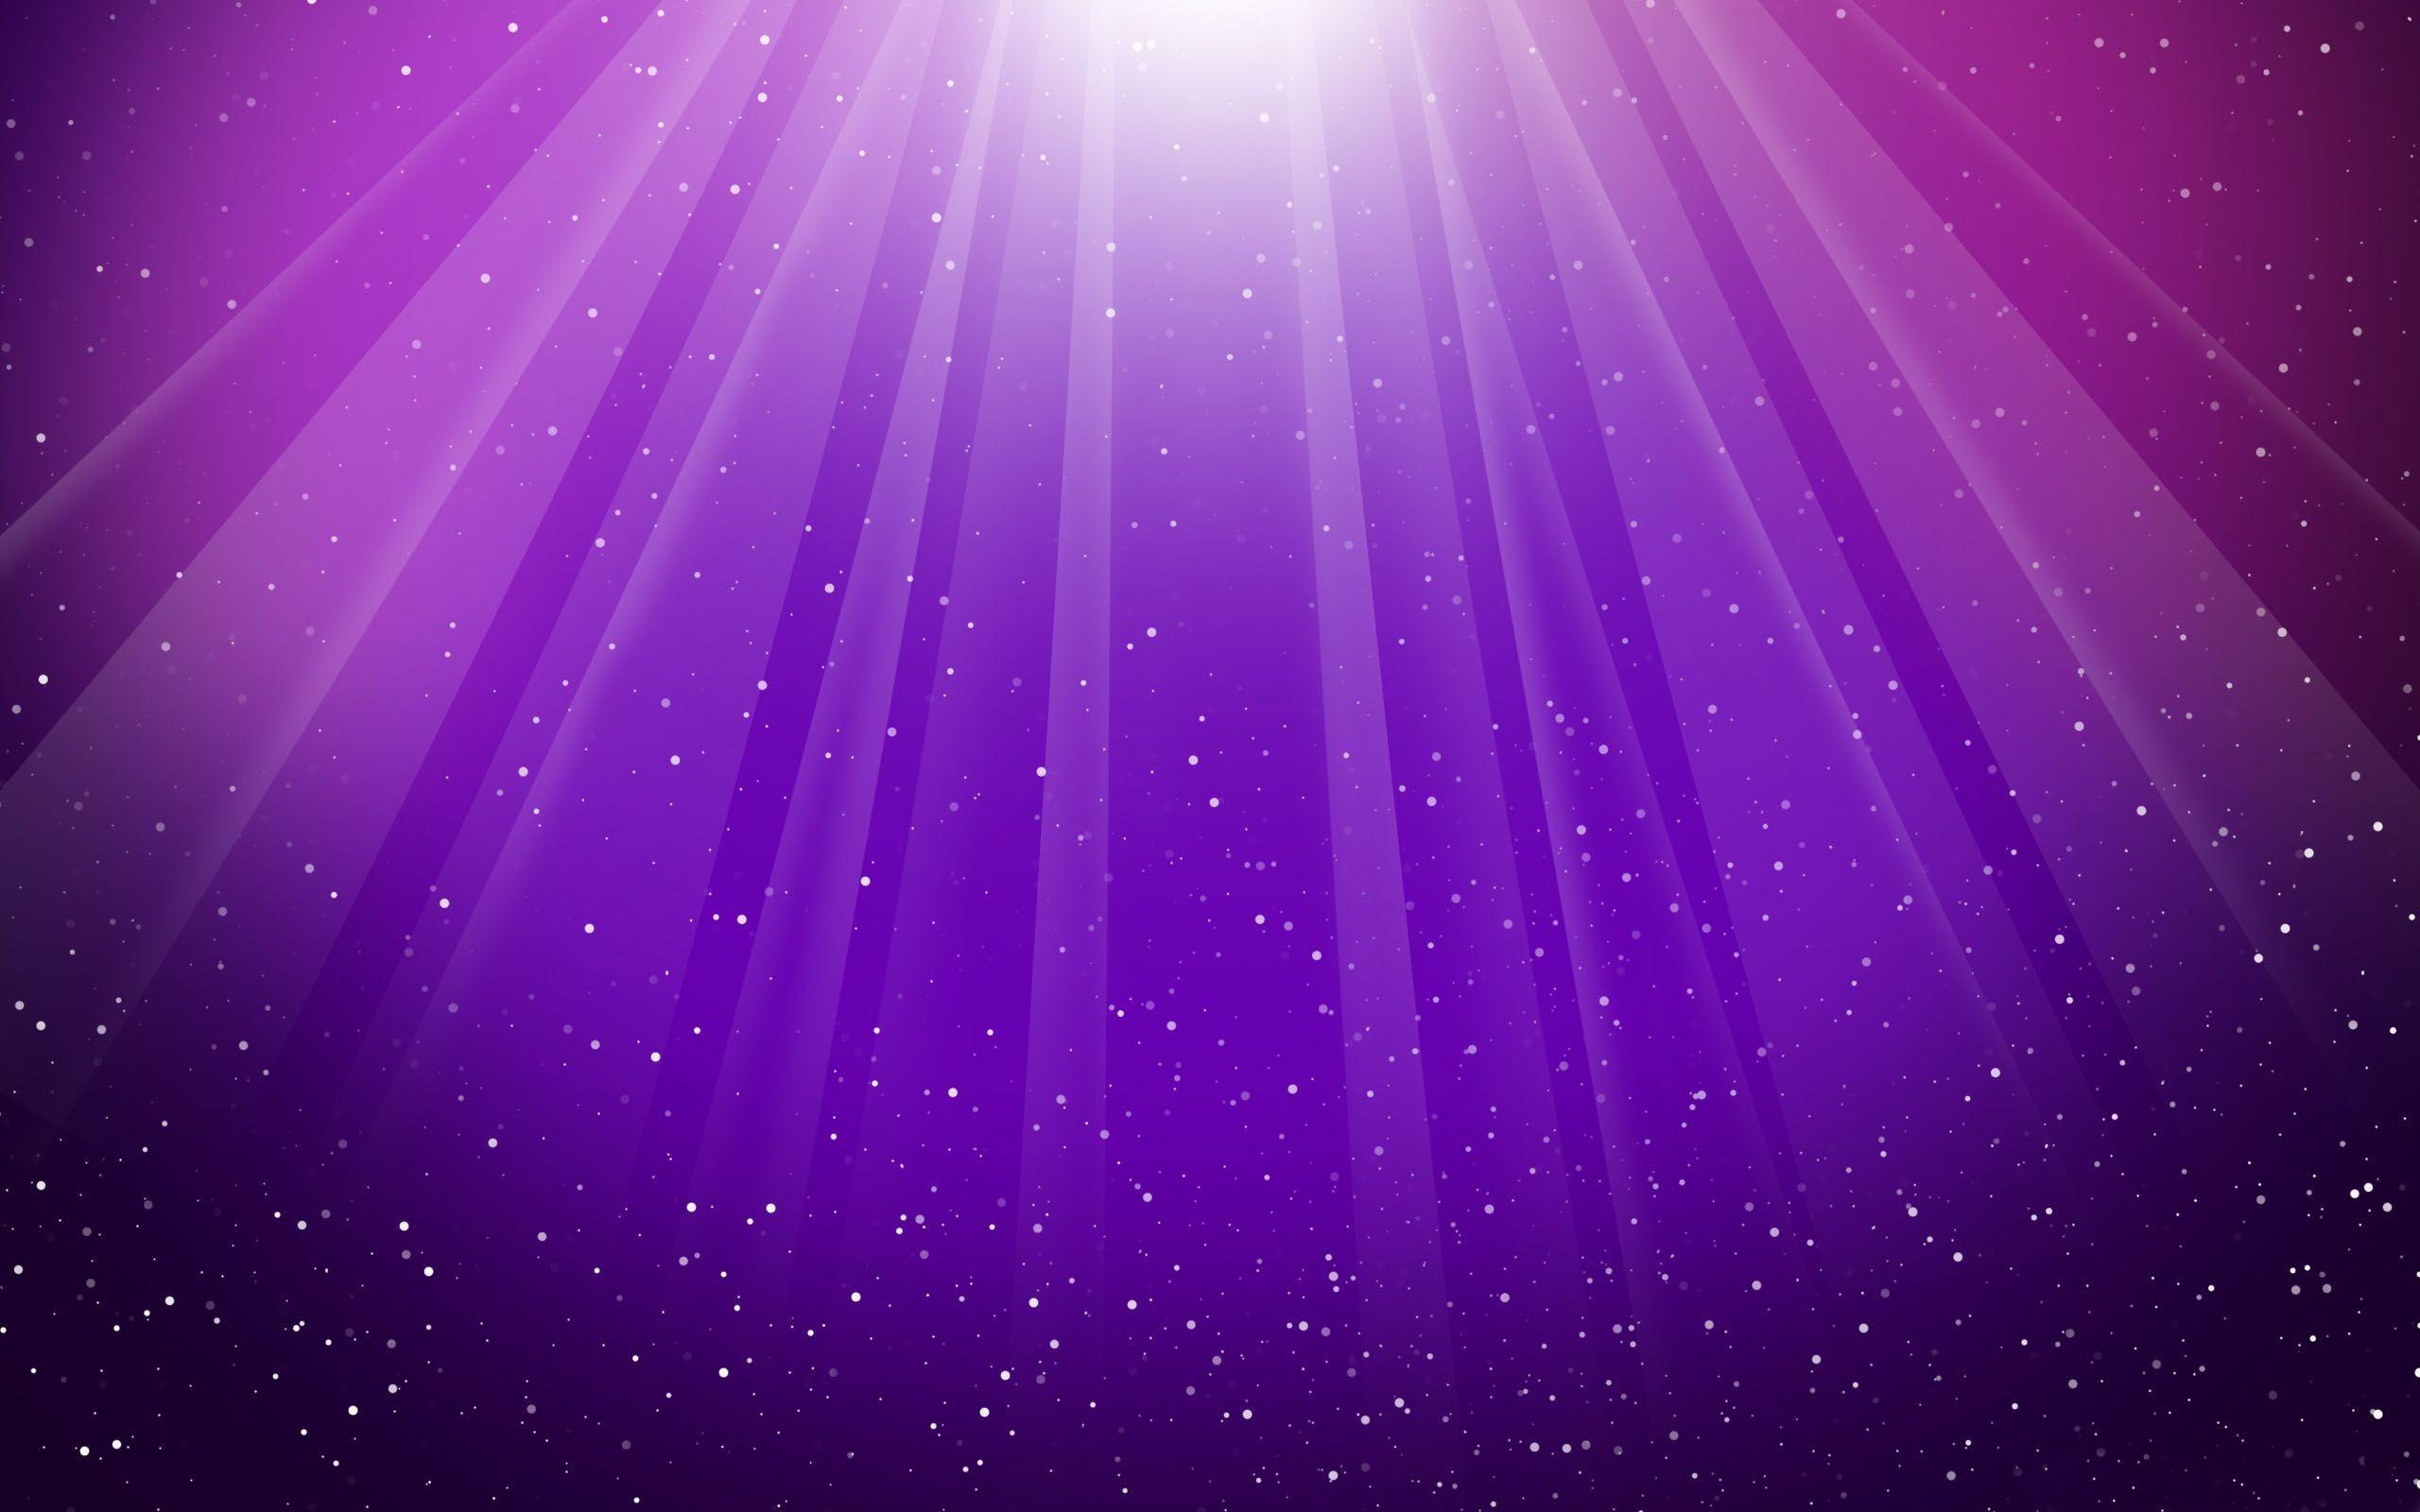 purple | Purple Wallpaper Pattern | wallpaper, wallpaper hd, background  desktop